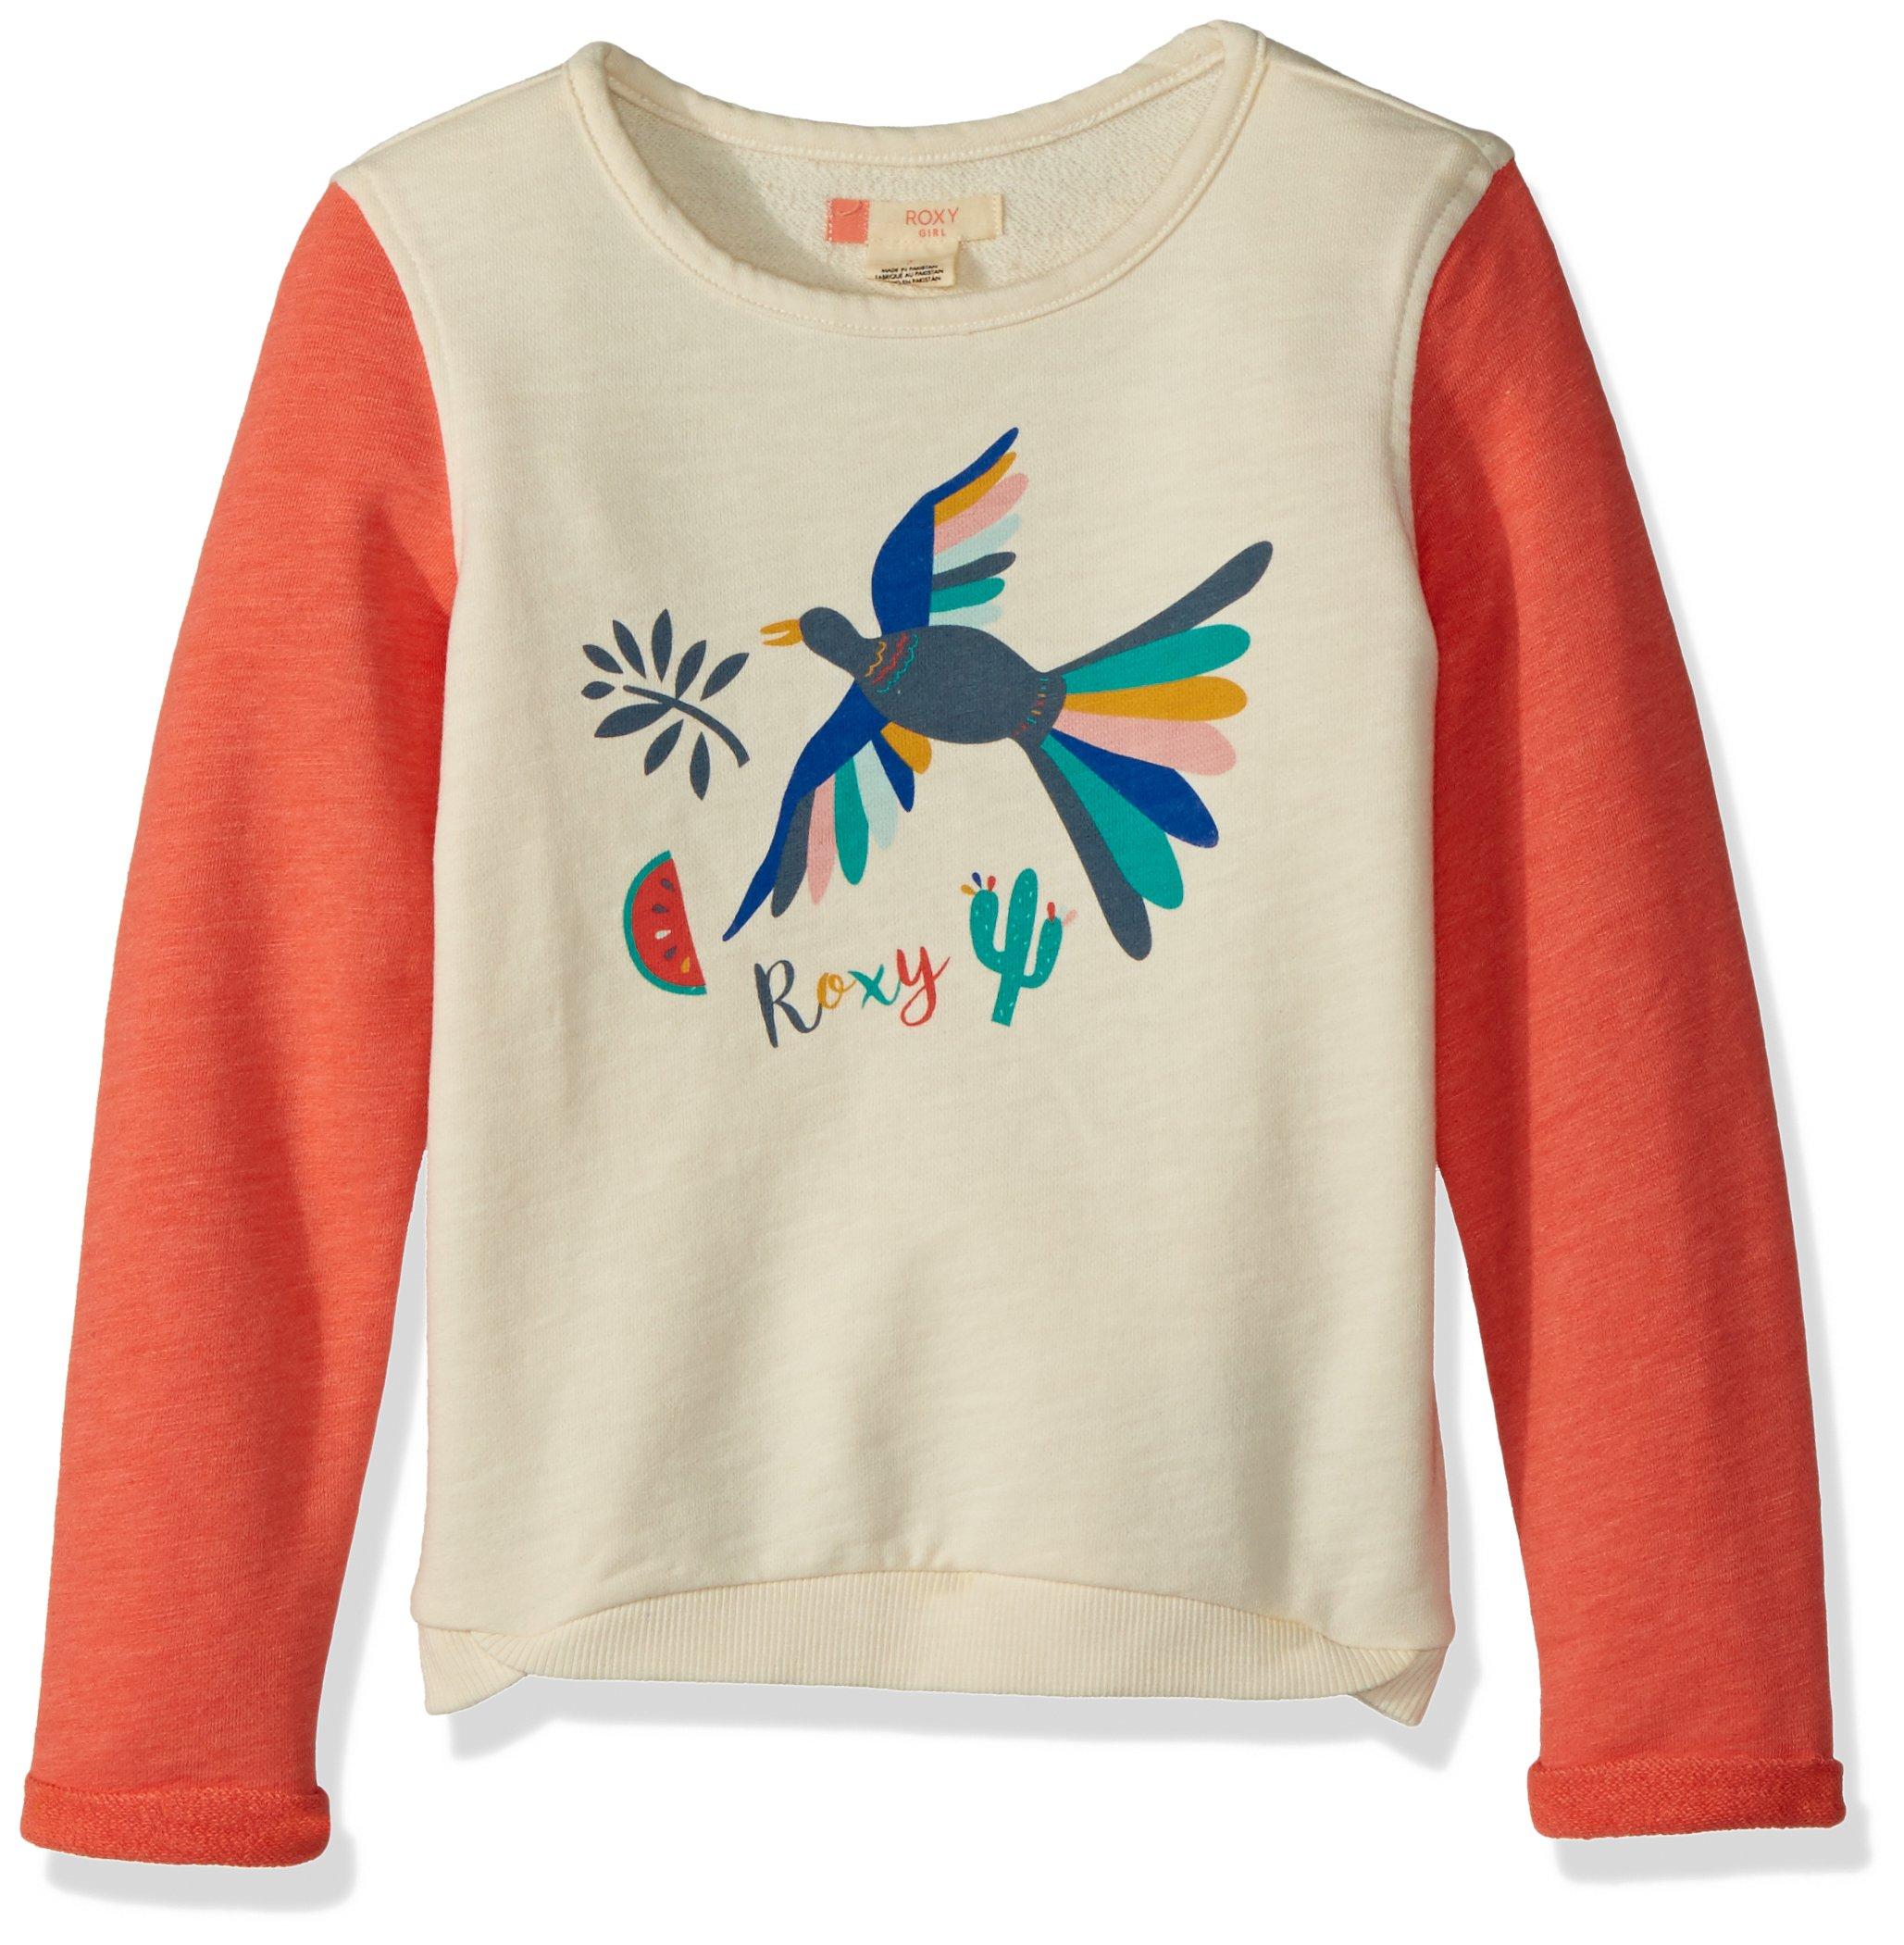 Roxy Toddler Girls' Fashion Crew Sweatshirt, Porcelain Rose, 3